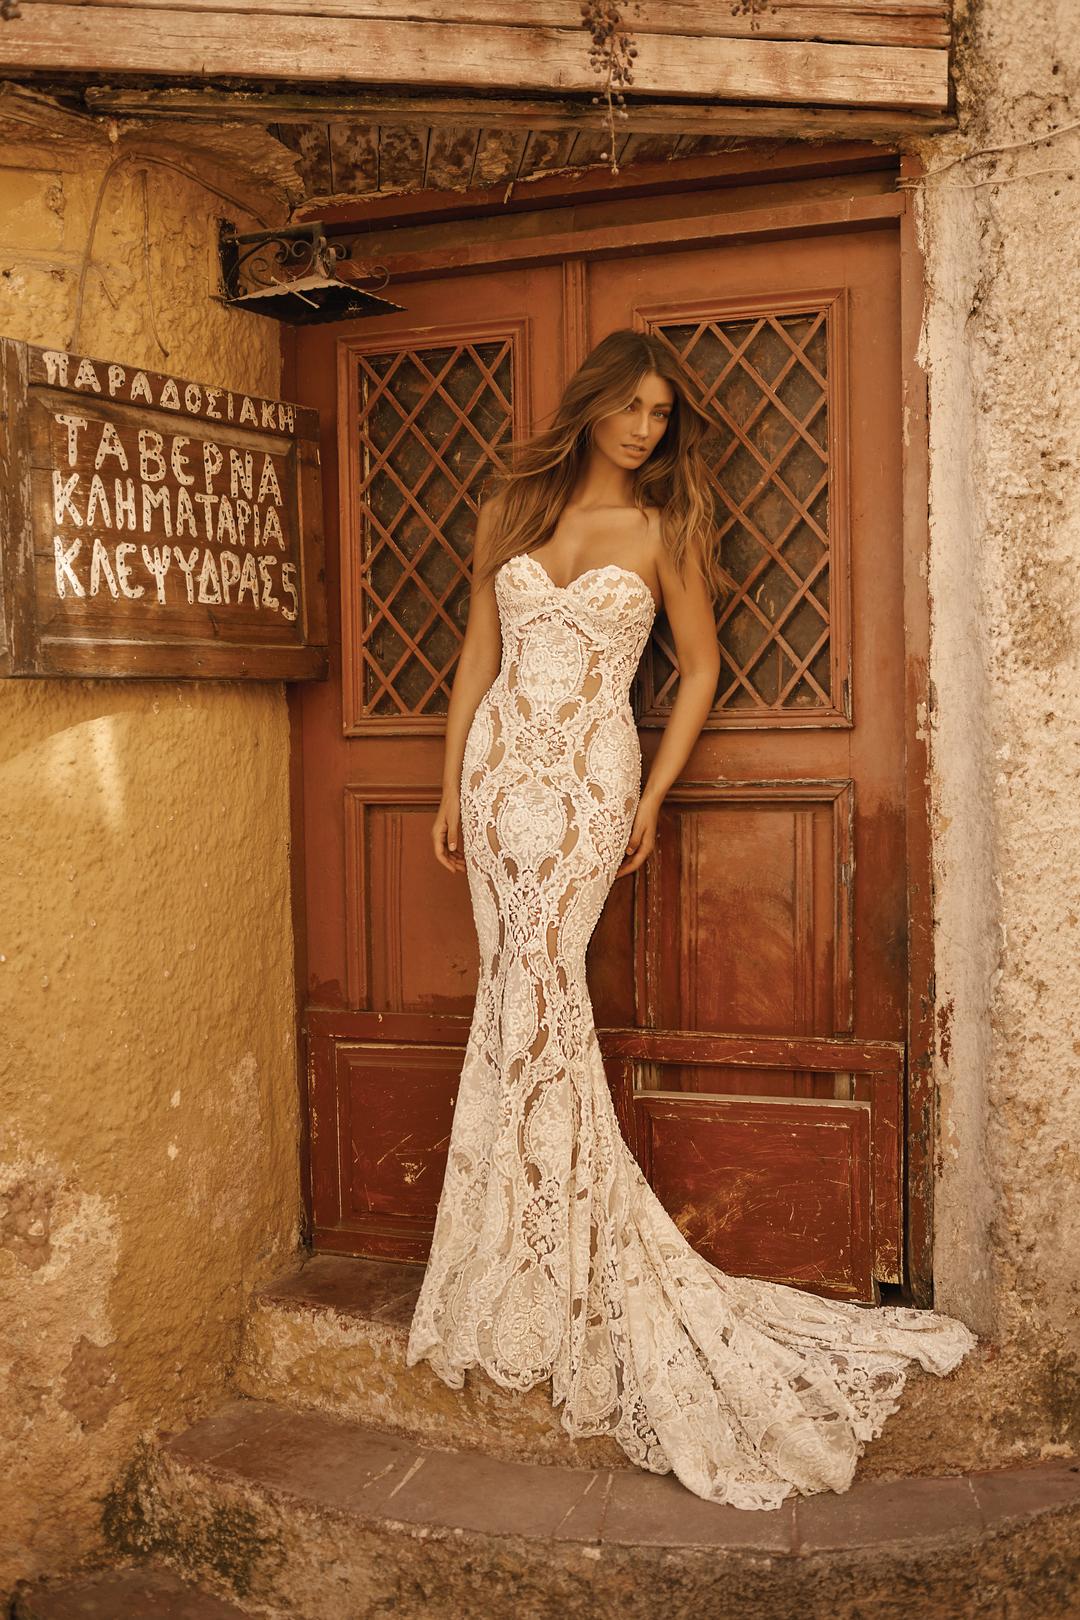 style 19 - 120 dress photo